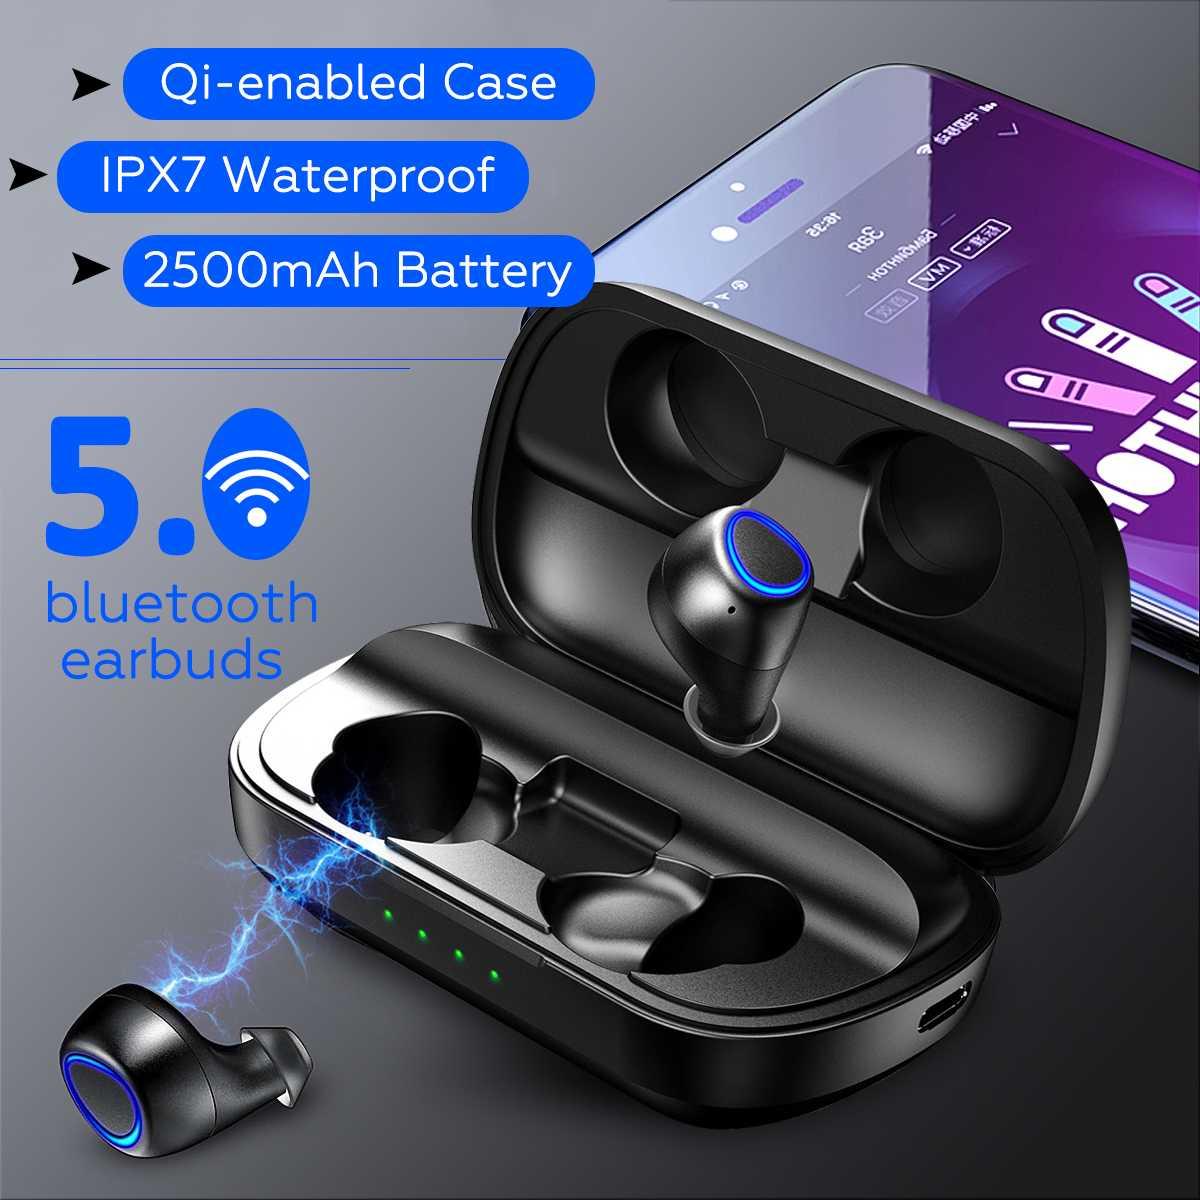 TWS sans fil bluetooth 5.0 écouteurs DSP réduction de bruit QI-compatible IPX7 étanche écouteurs casque avec 2500 mAH batterie externe